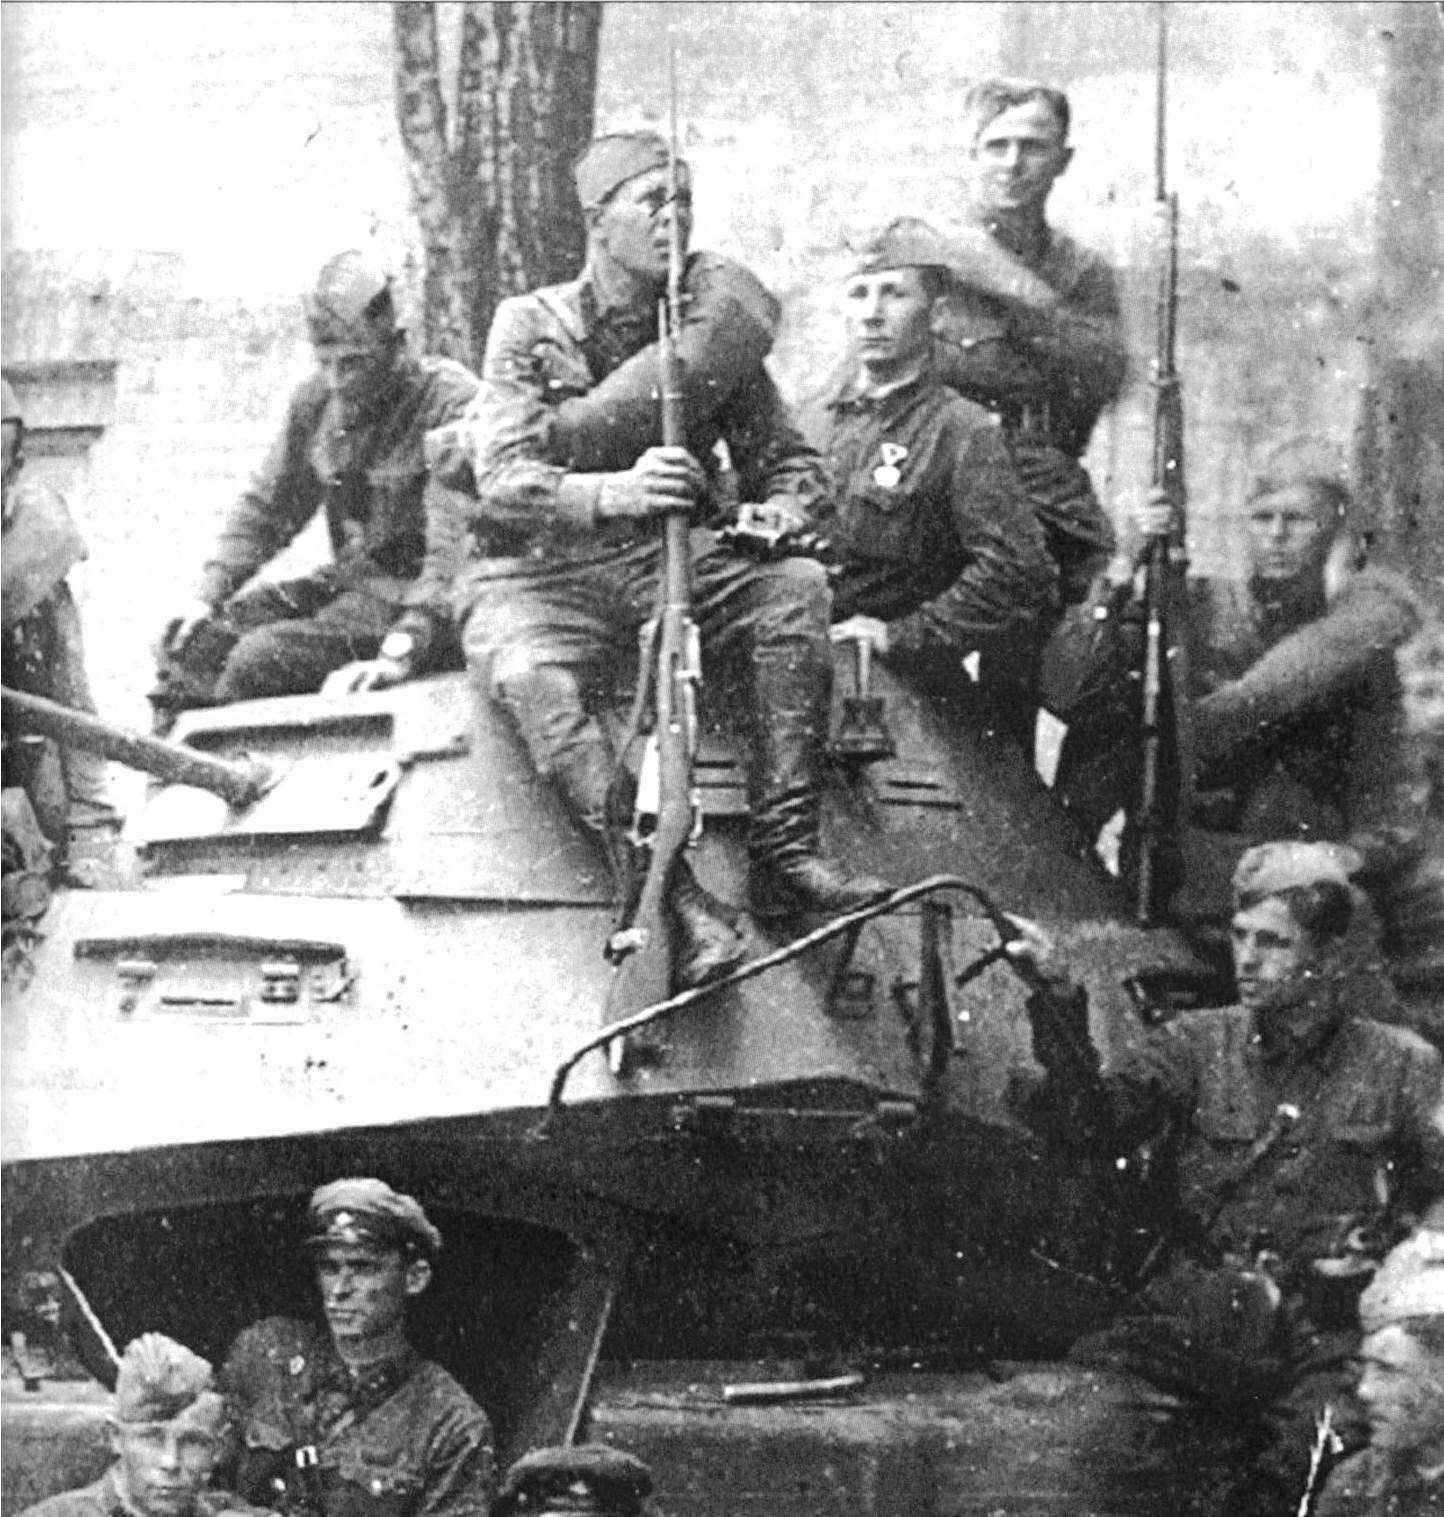 Советские солдаты на захваченном немецком бронеавтомобиле.